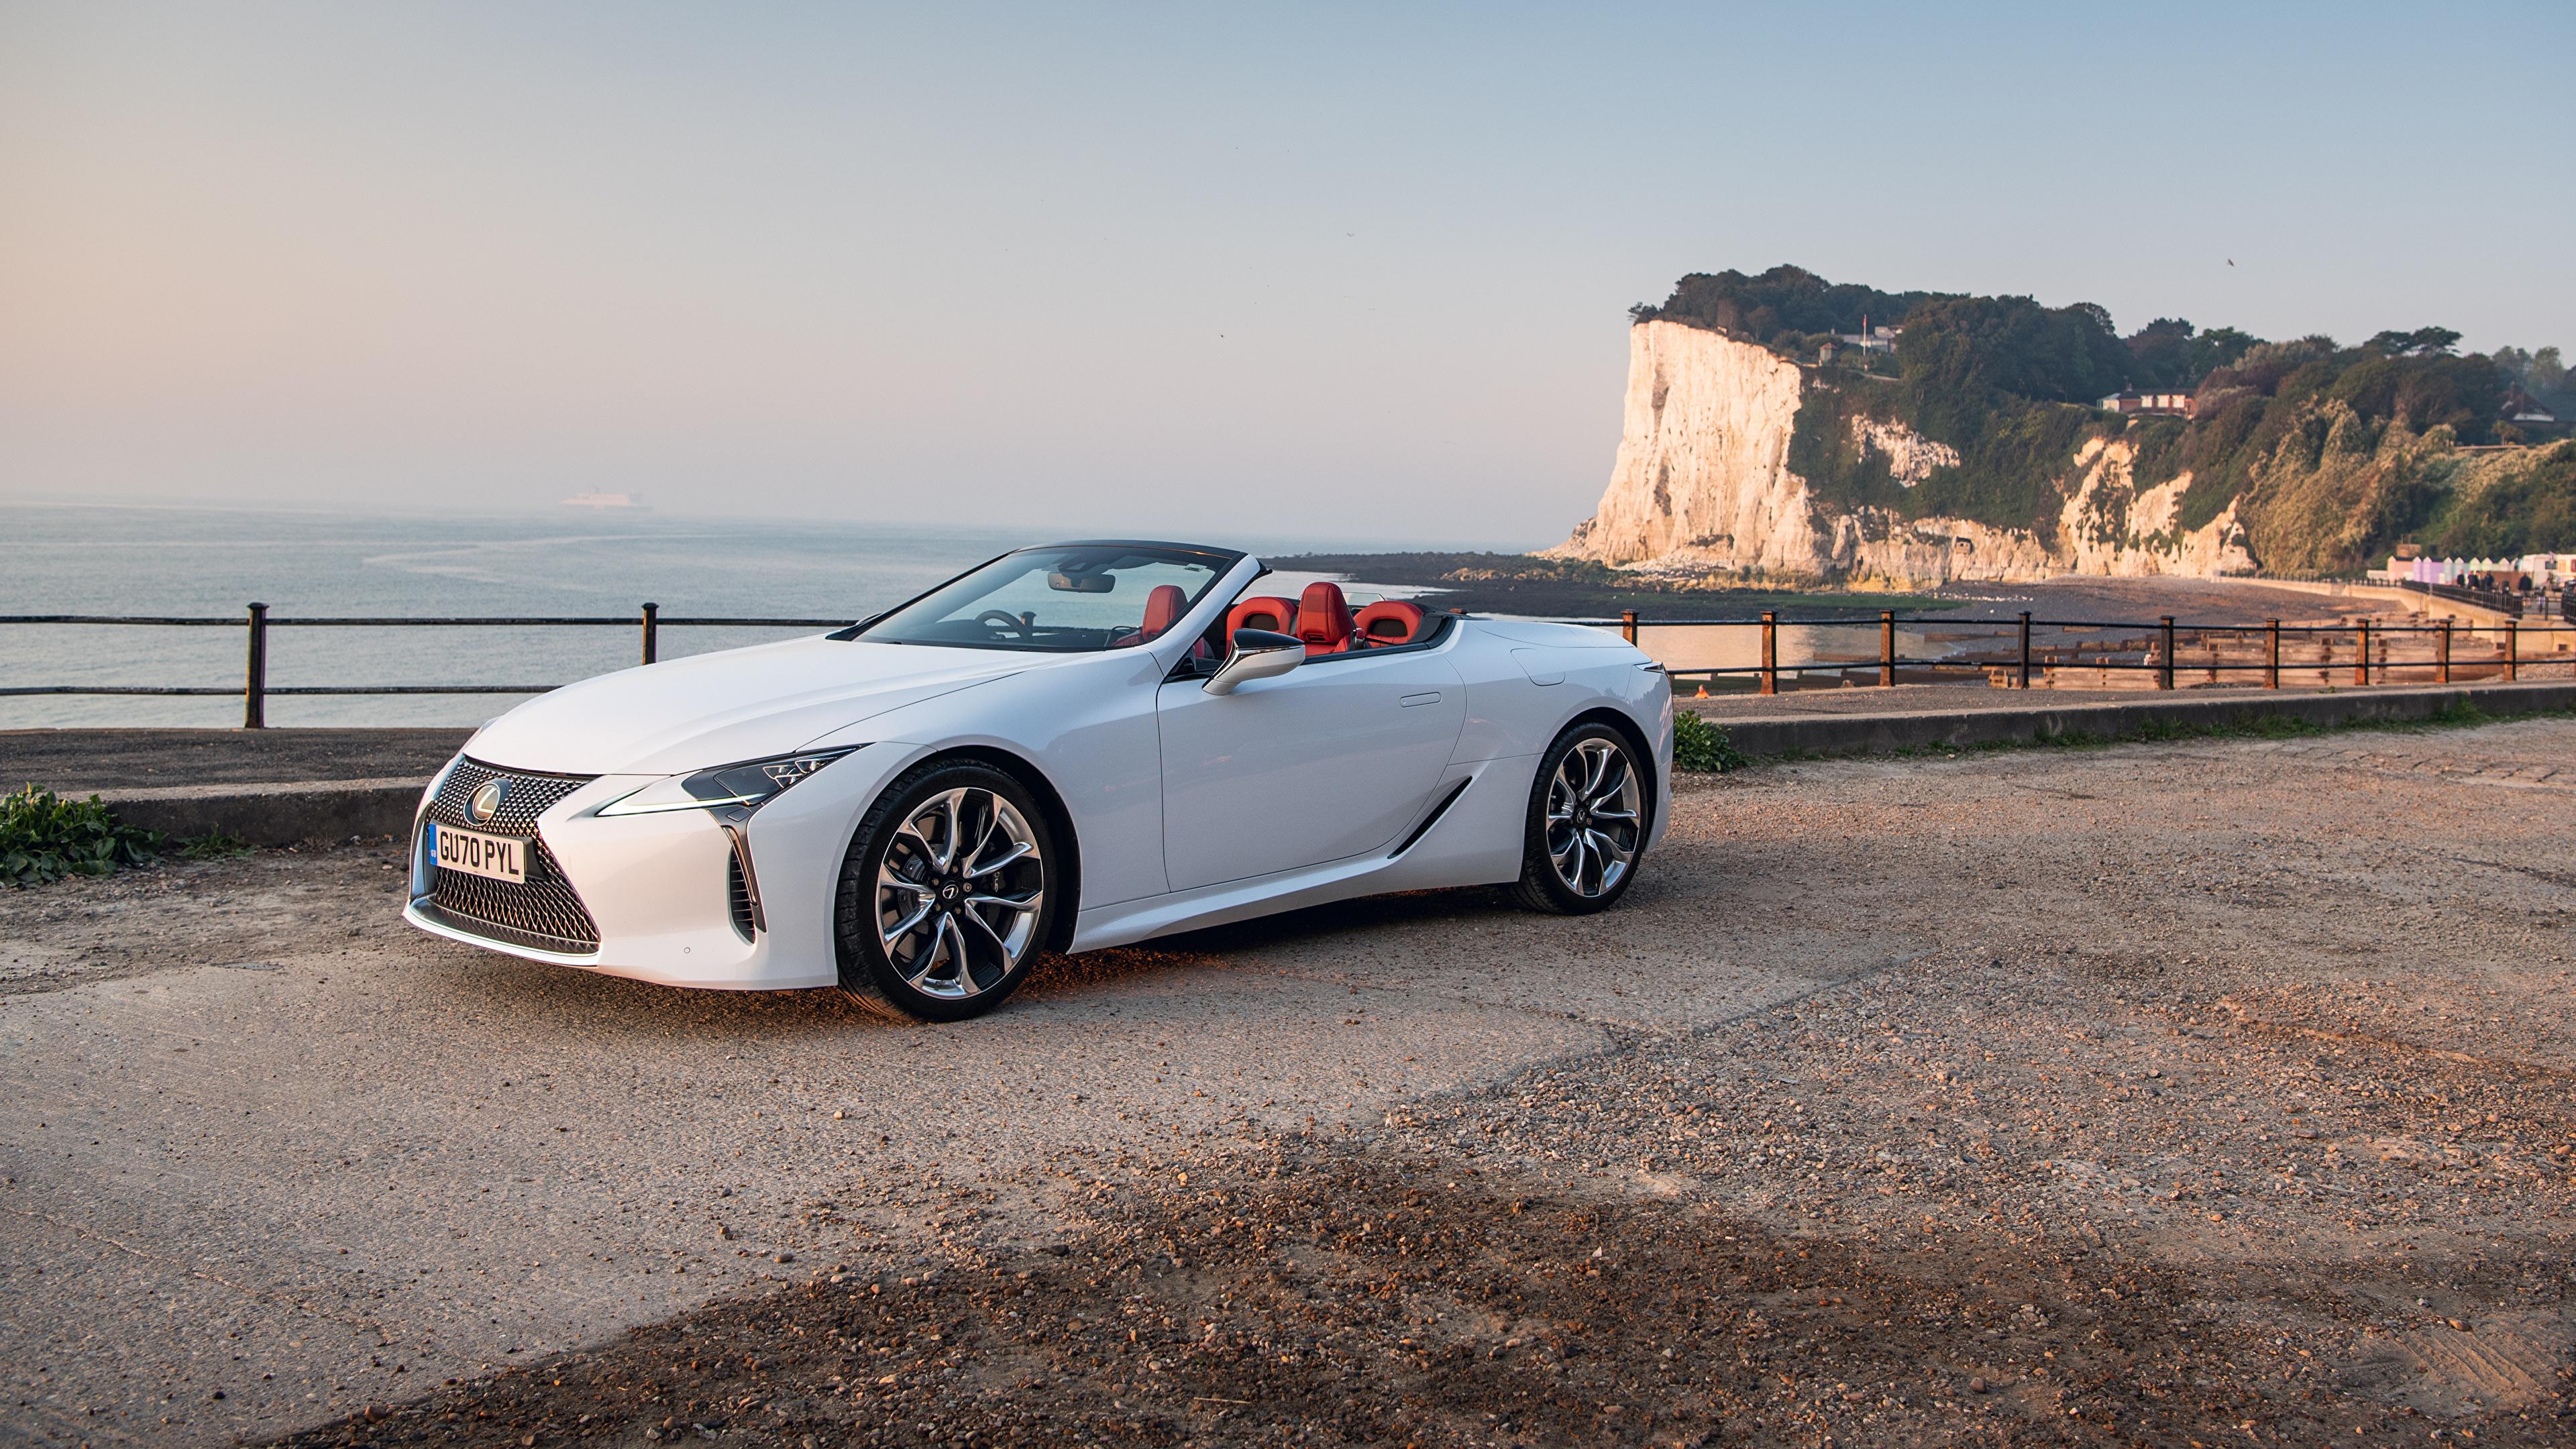 Фото Lexus LC 500 Convertible, UK-spec, 2020 кабриолета Белый Металлик Автомобили 3840x2160 Лексус Кабриолет белая белые белых авто машины машина автомобиль